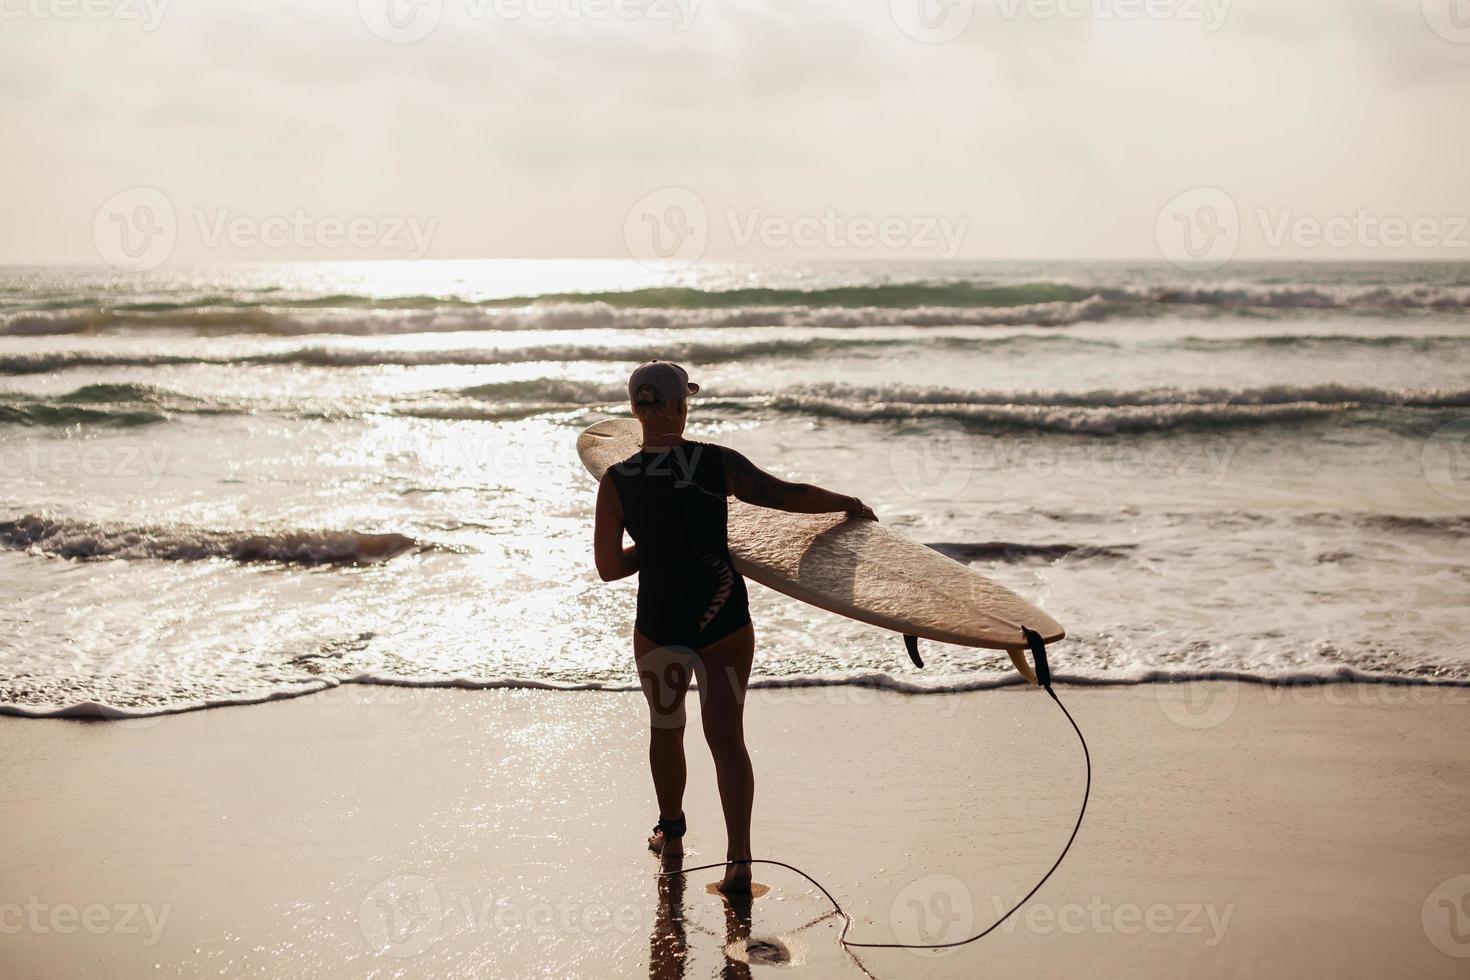 vrouw met surfplank achteraanzicht surfen foto